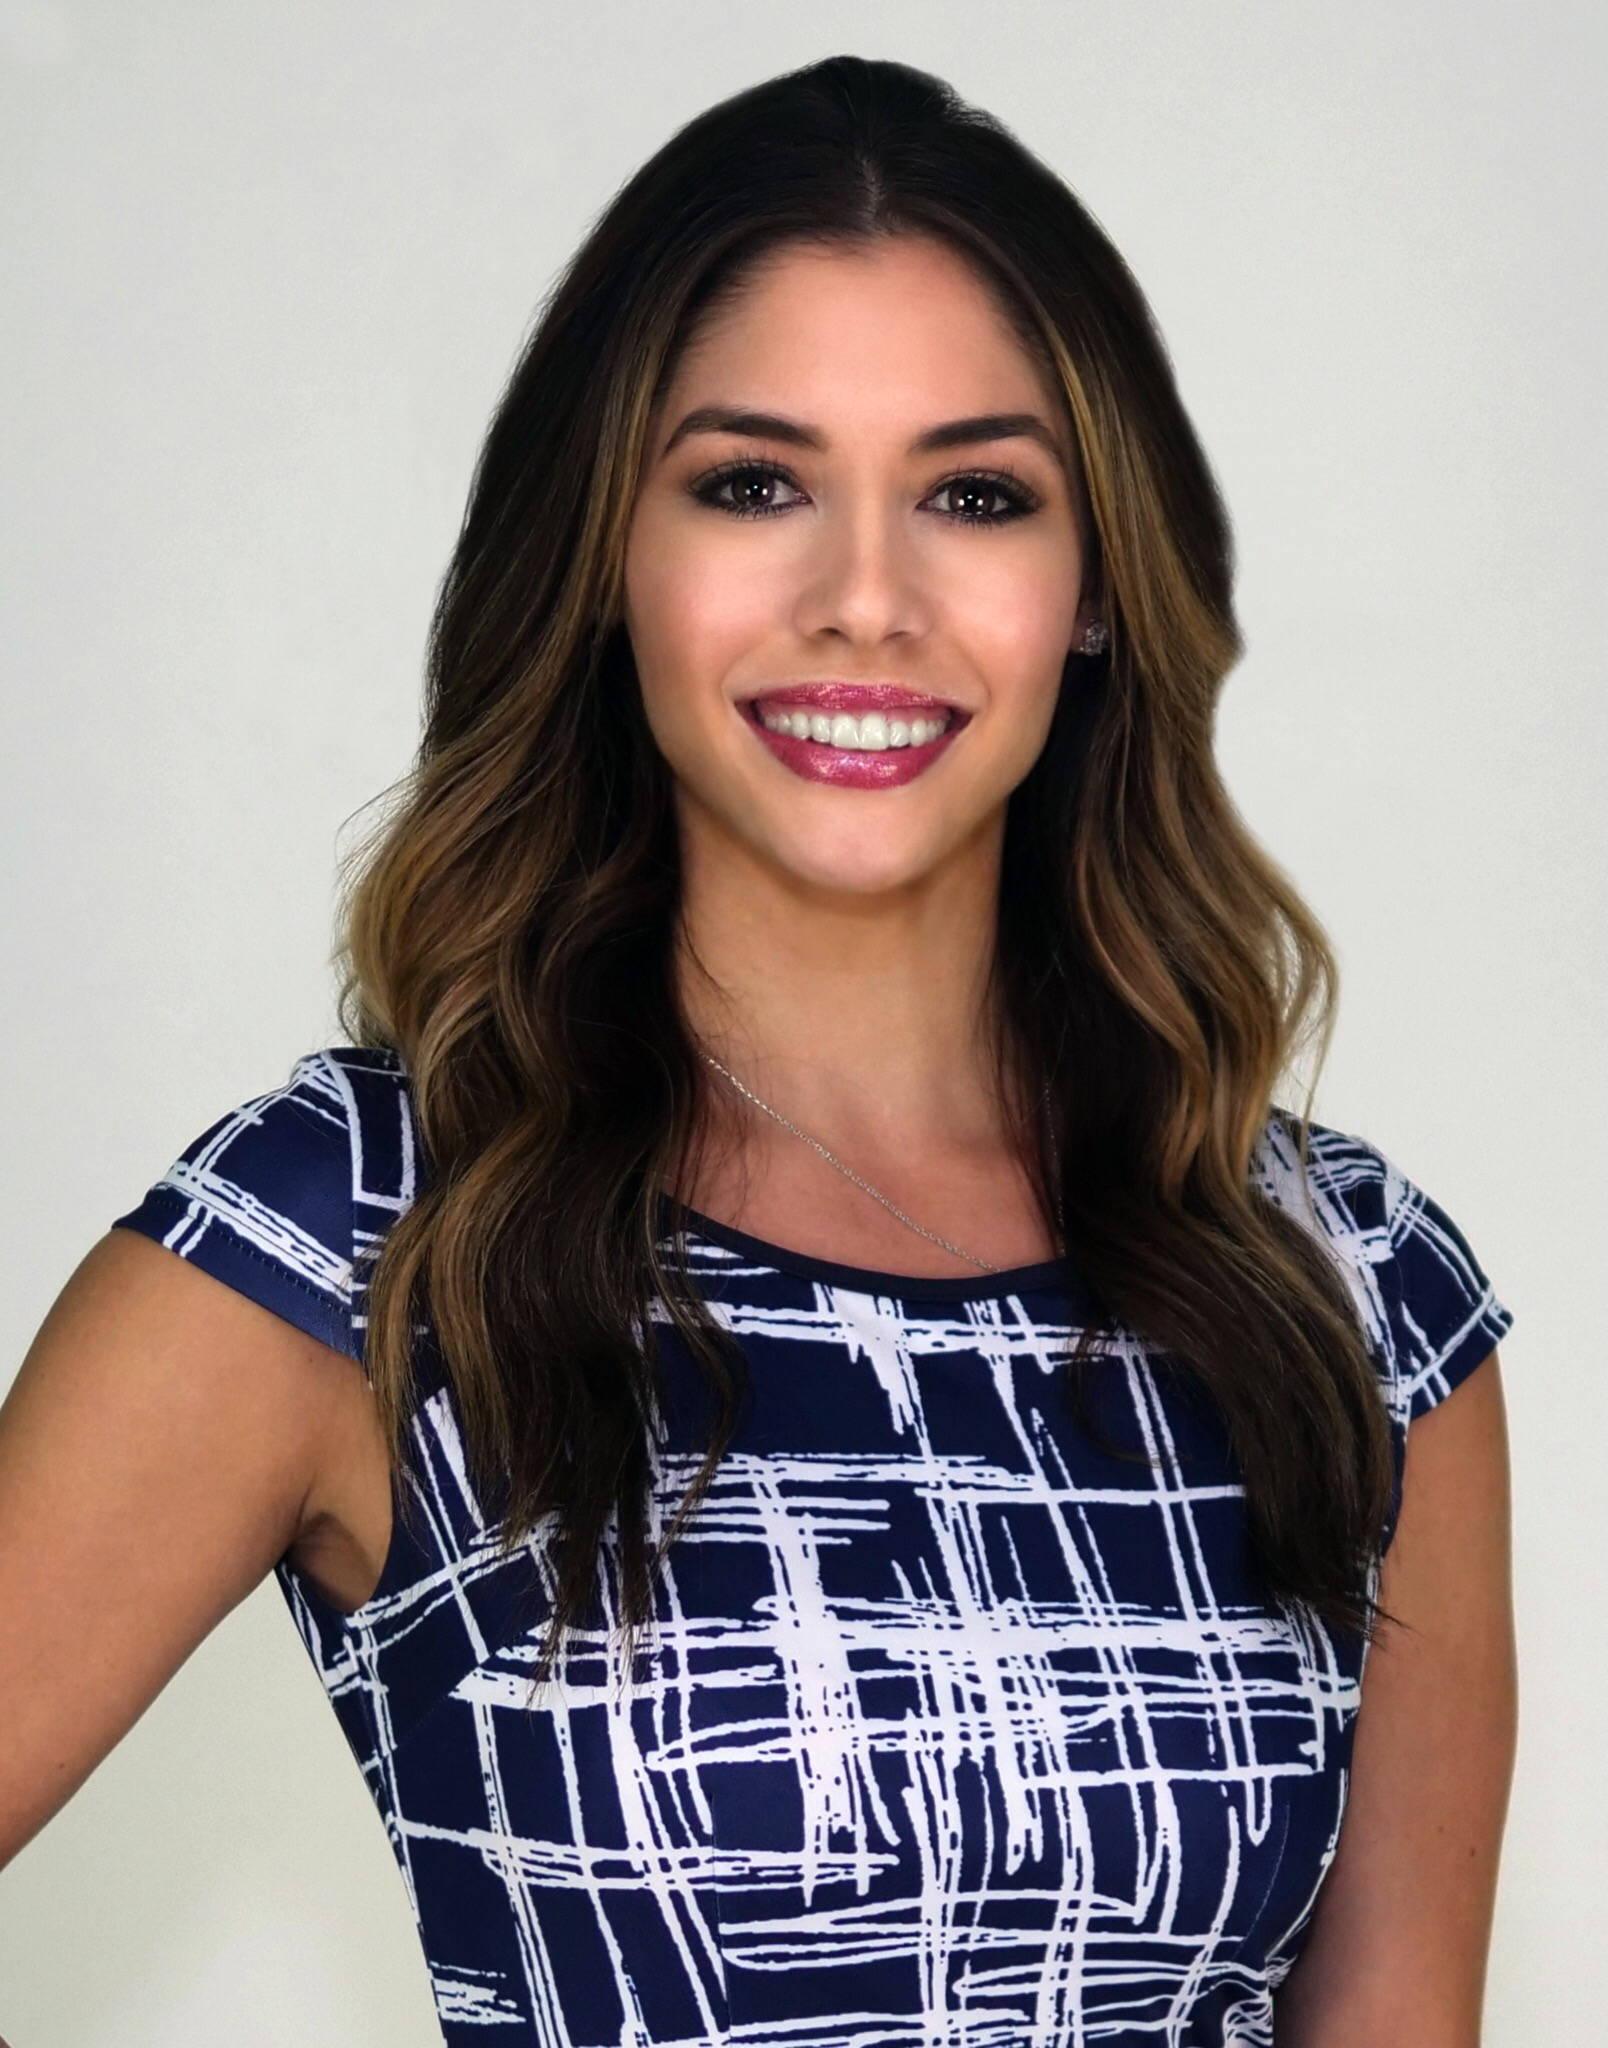 Natalie Valdez